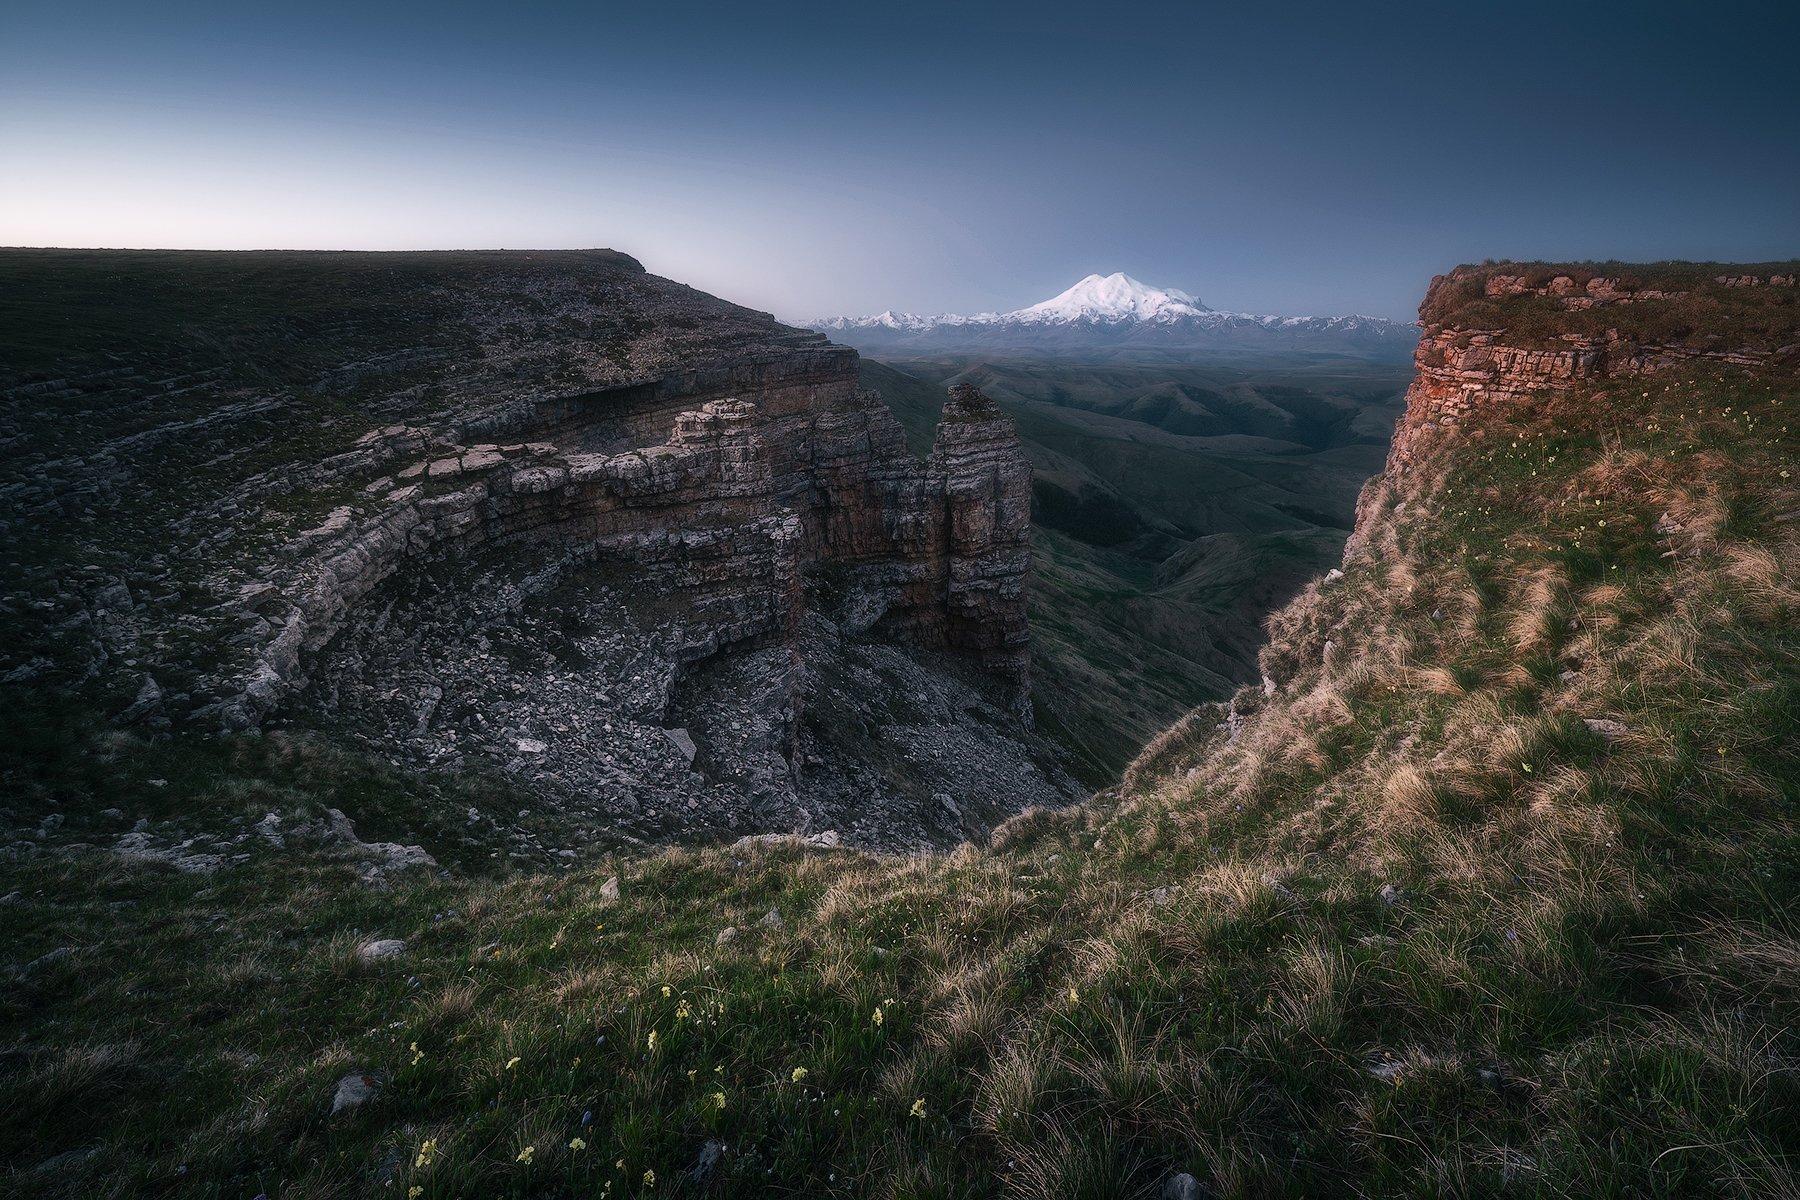 рассвет, горы, плато, кавказ, пейзаж, карачаево-черкесия, бермамыт, эльбрус, Leschinskaya Tania